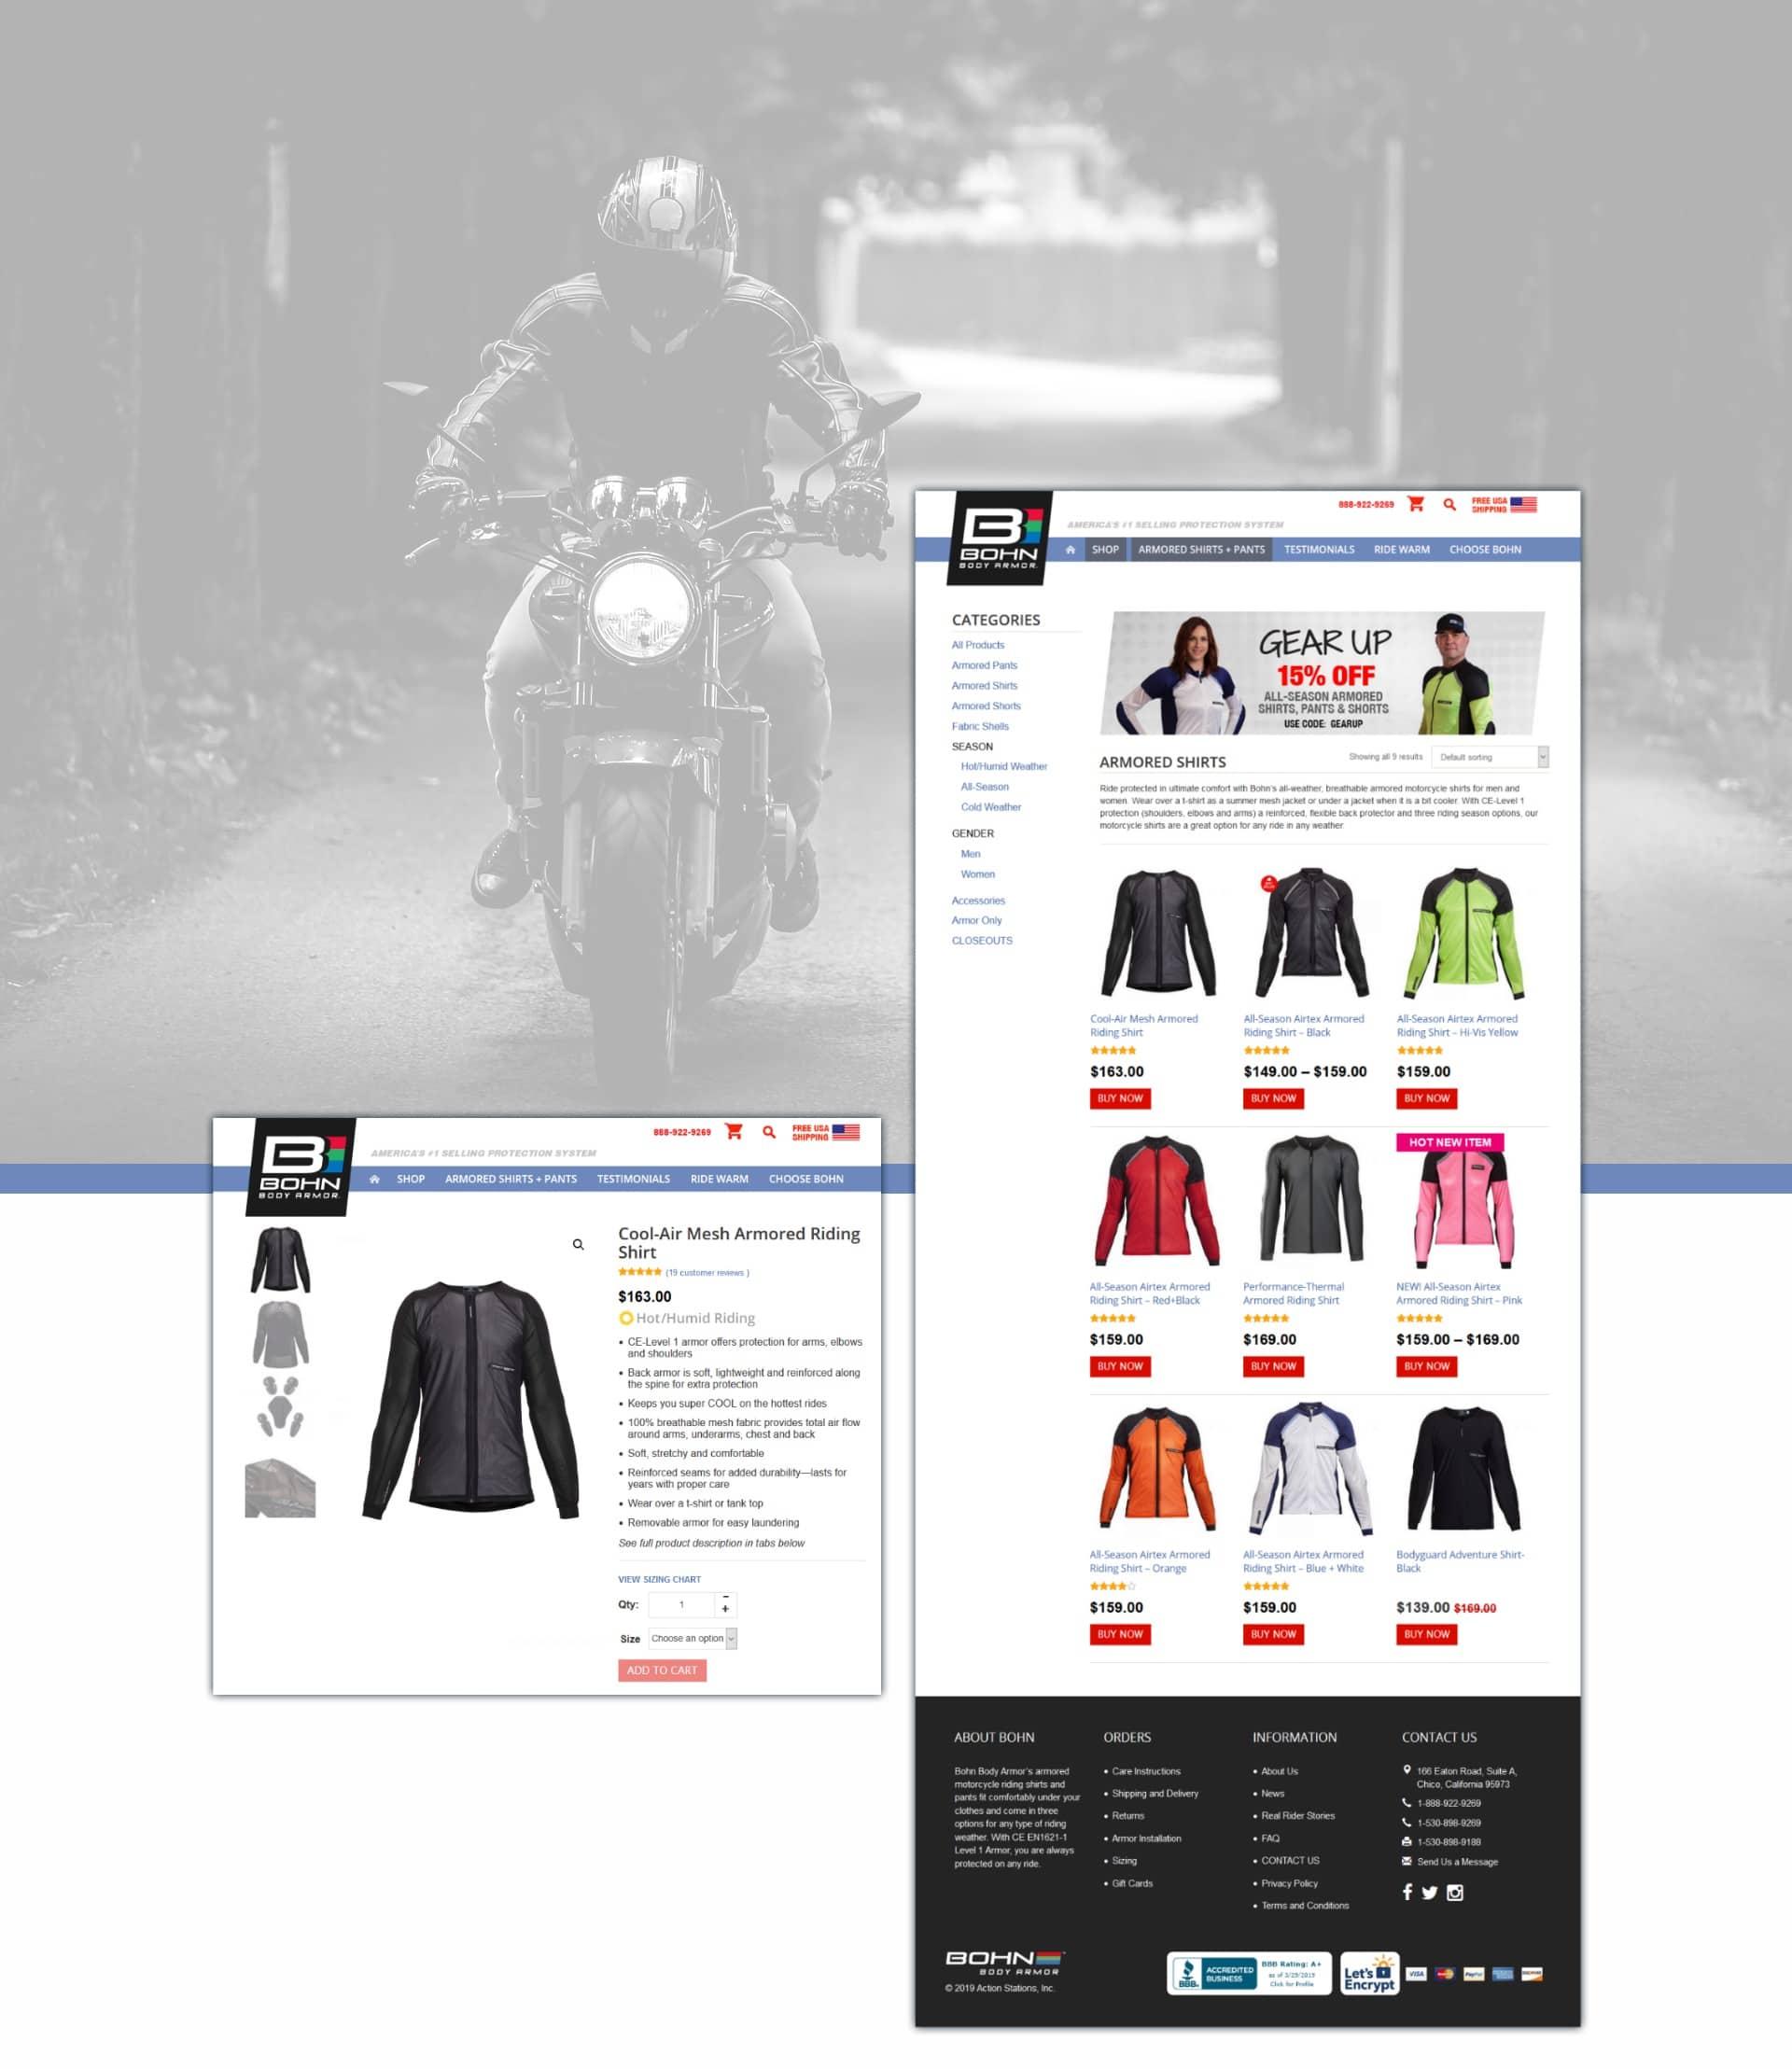 Bohn Armor Rider Jackets